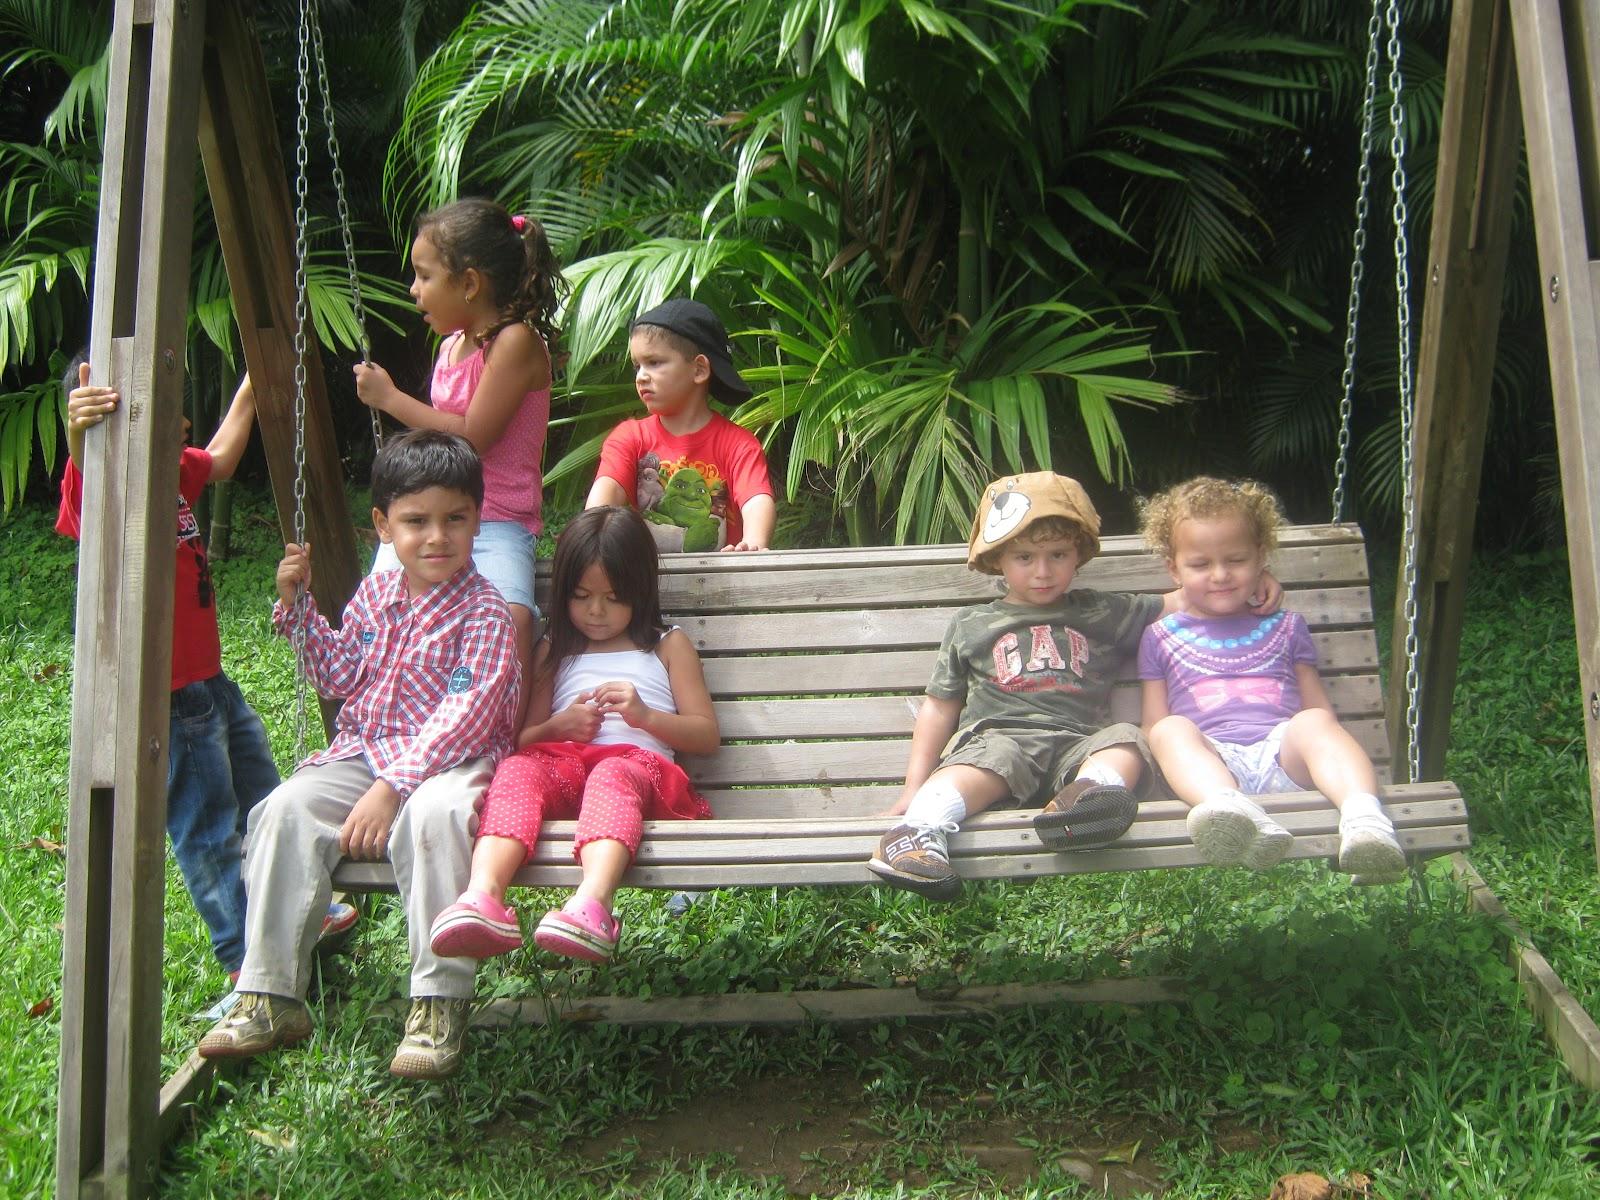 Jard n infantil mis amiguitos for Amiguitos del jardin